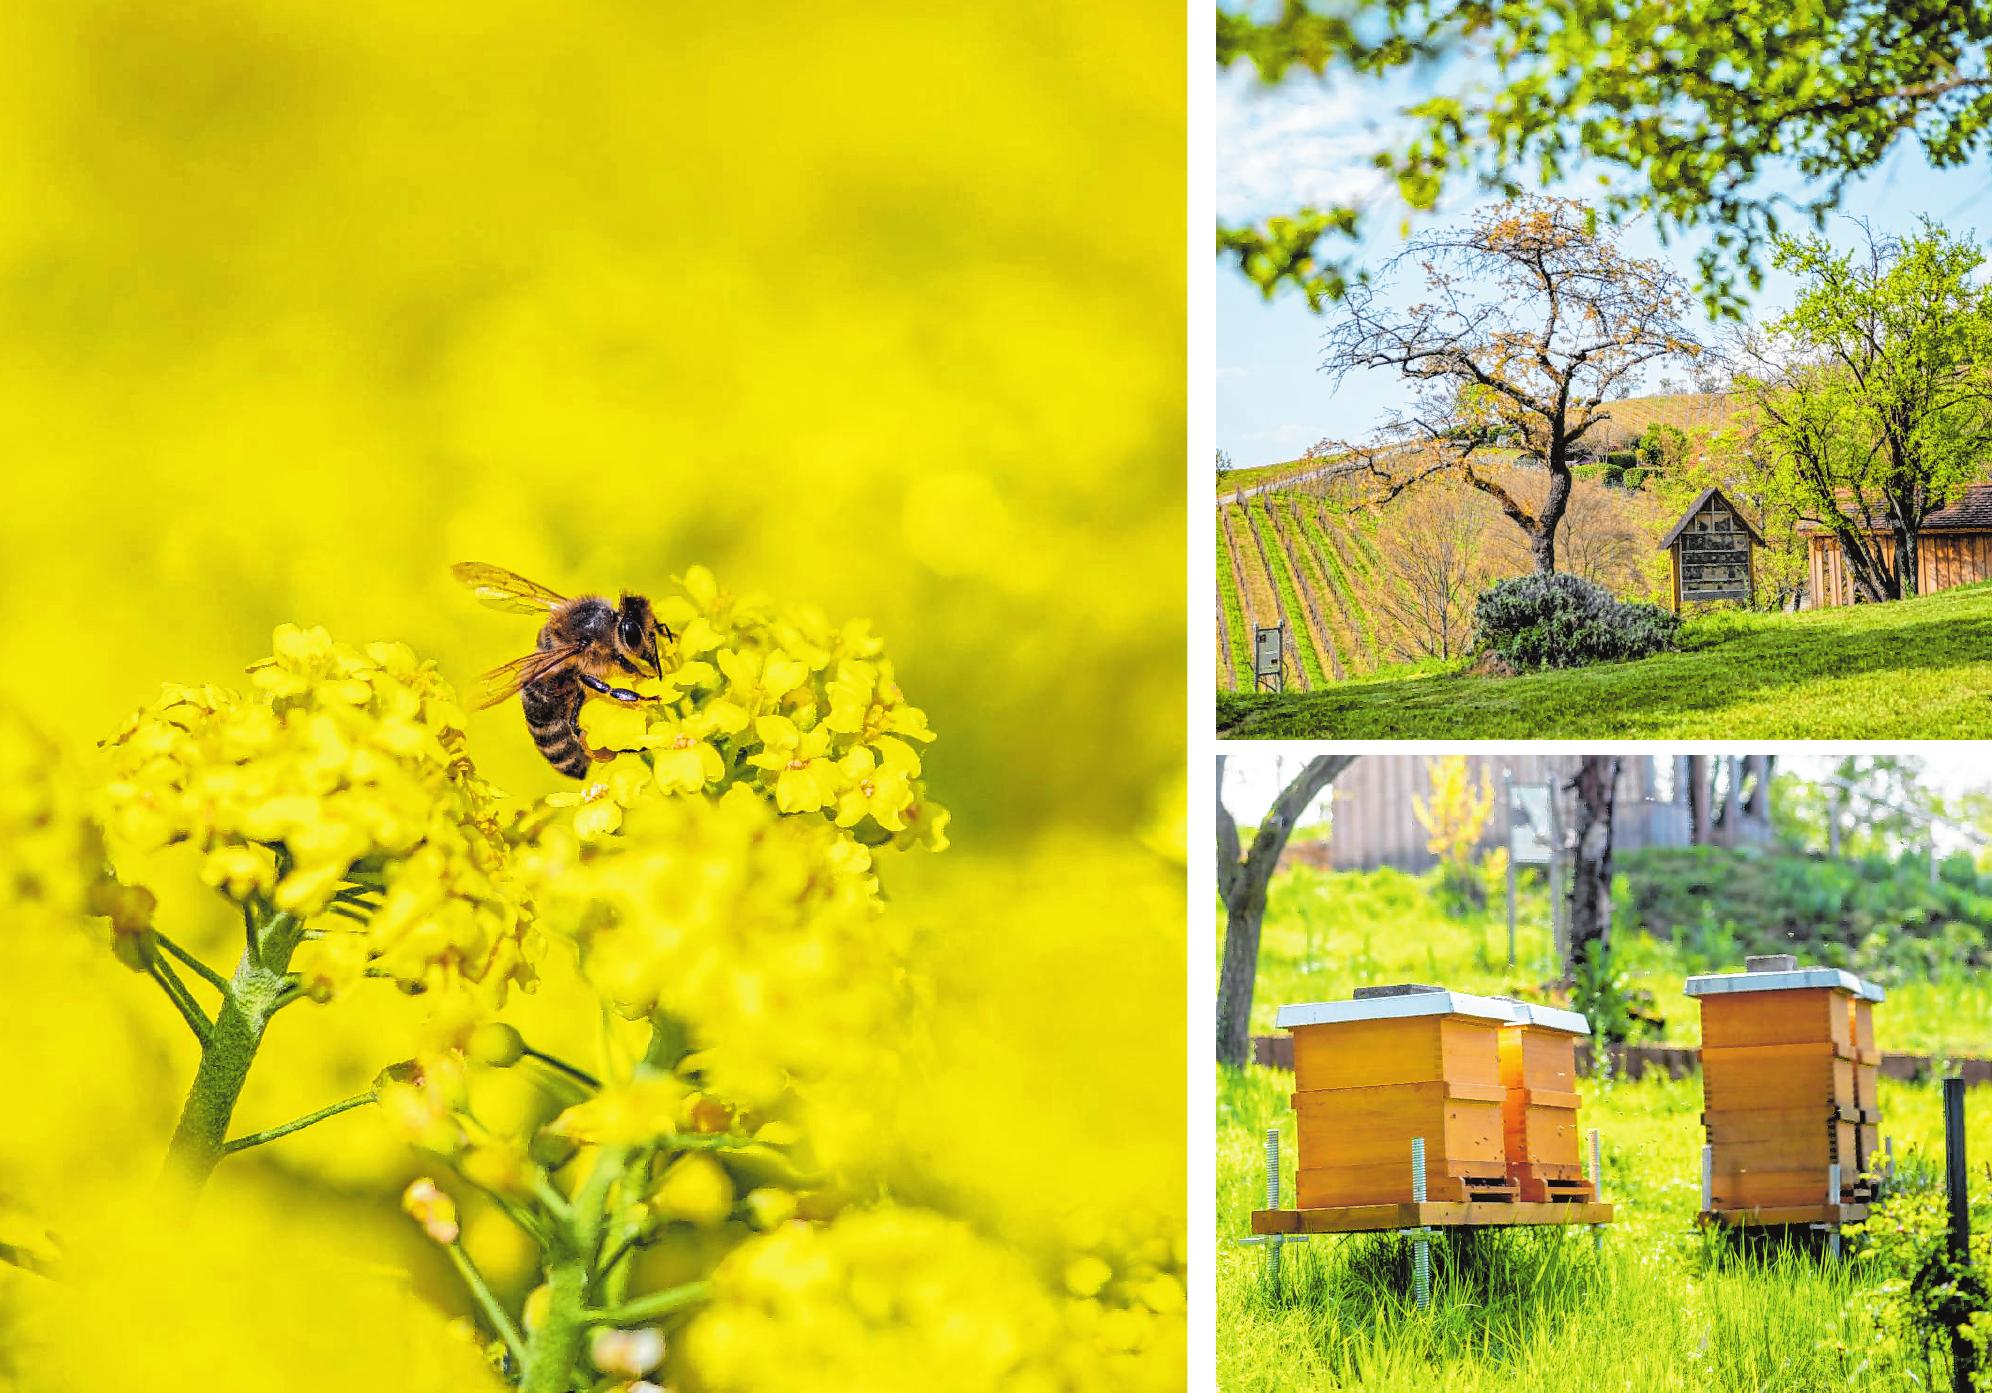 Der Bienenlehrpfad unterhalb des Kirchbergs vermittelt an verschiedenen Stationen elementares Wissen über Honig- und Wildbienen sowie die Imkerei. Bilder: Thomas Neu